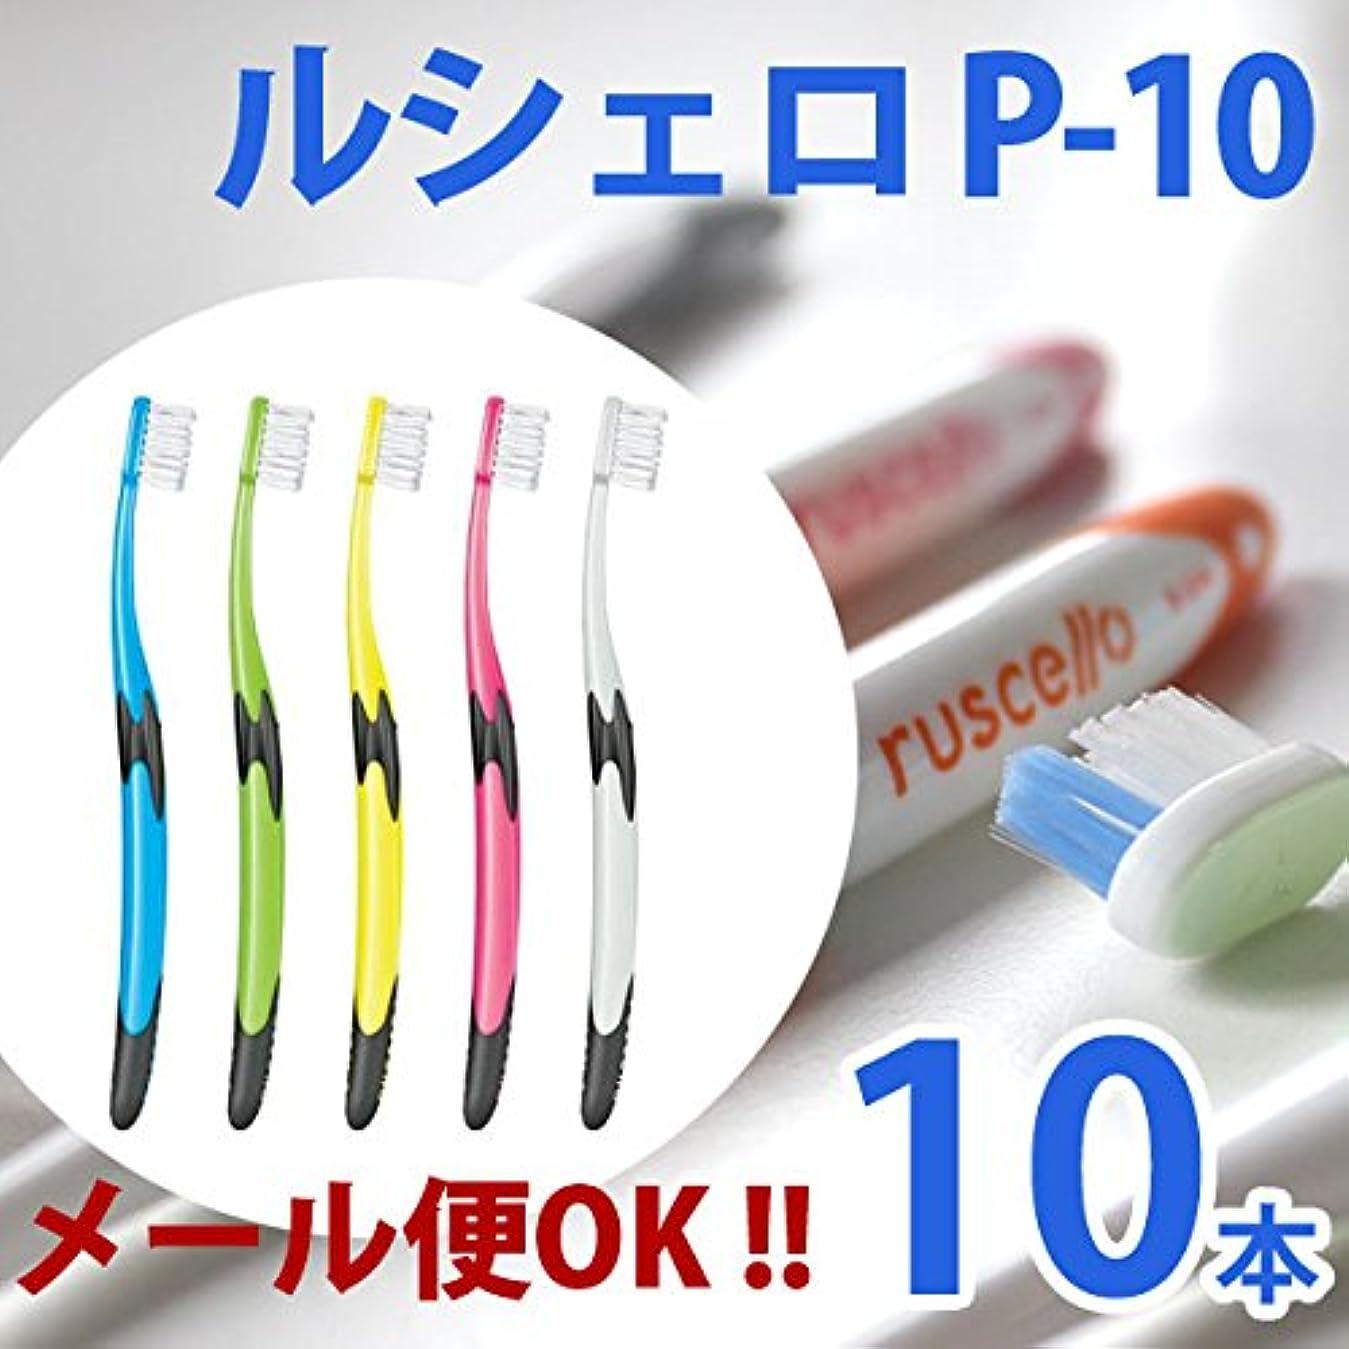 対立活性化証明ルシェロ GCシェロ 歯ブラシP-10 5色アソート 10本セット 歯周疾患の方向け。極細のテーパー毛が S